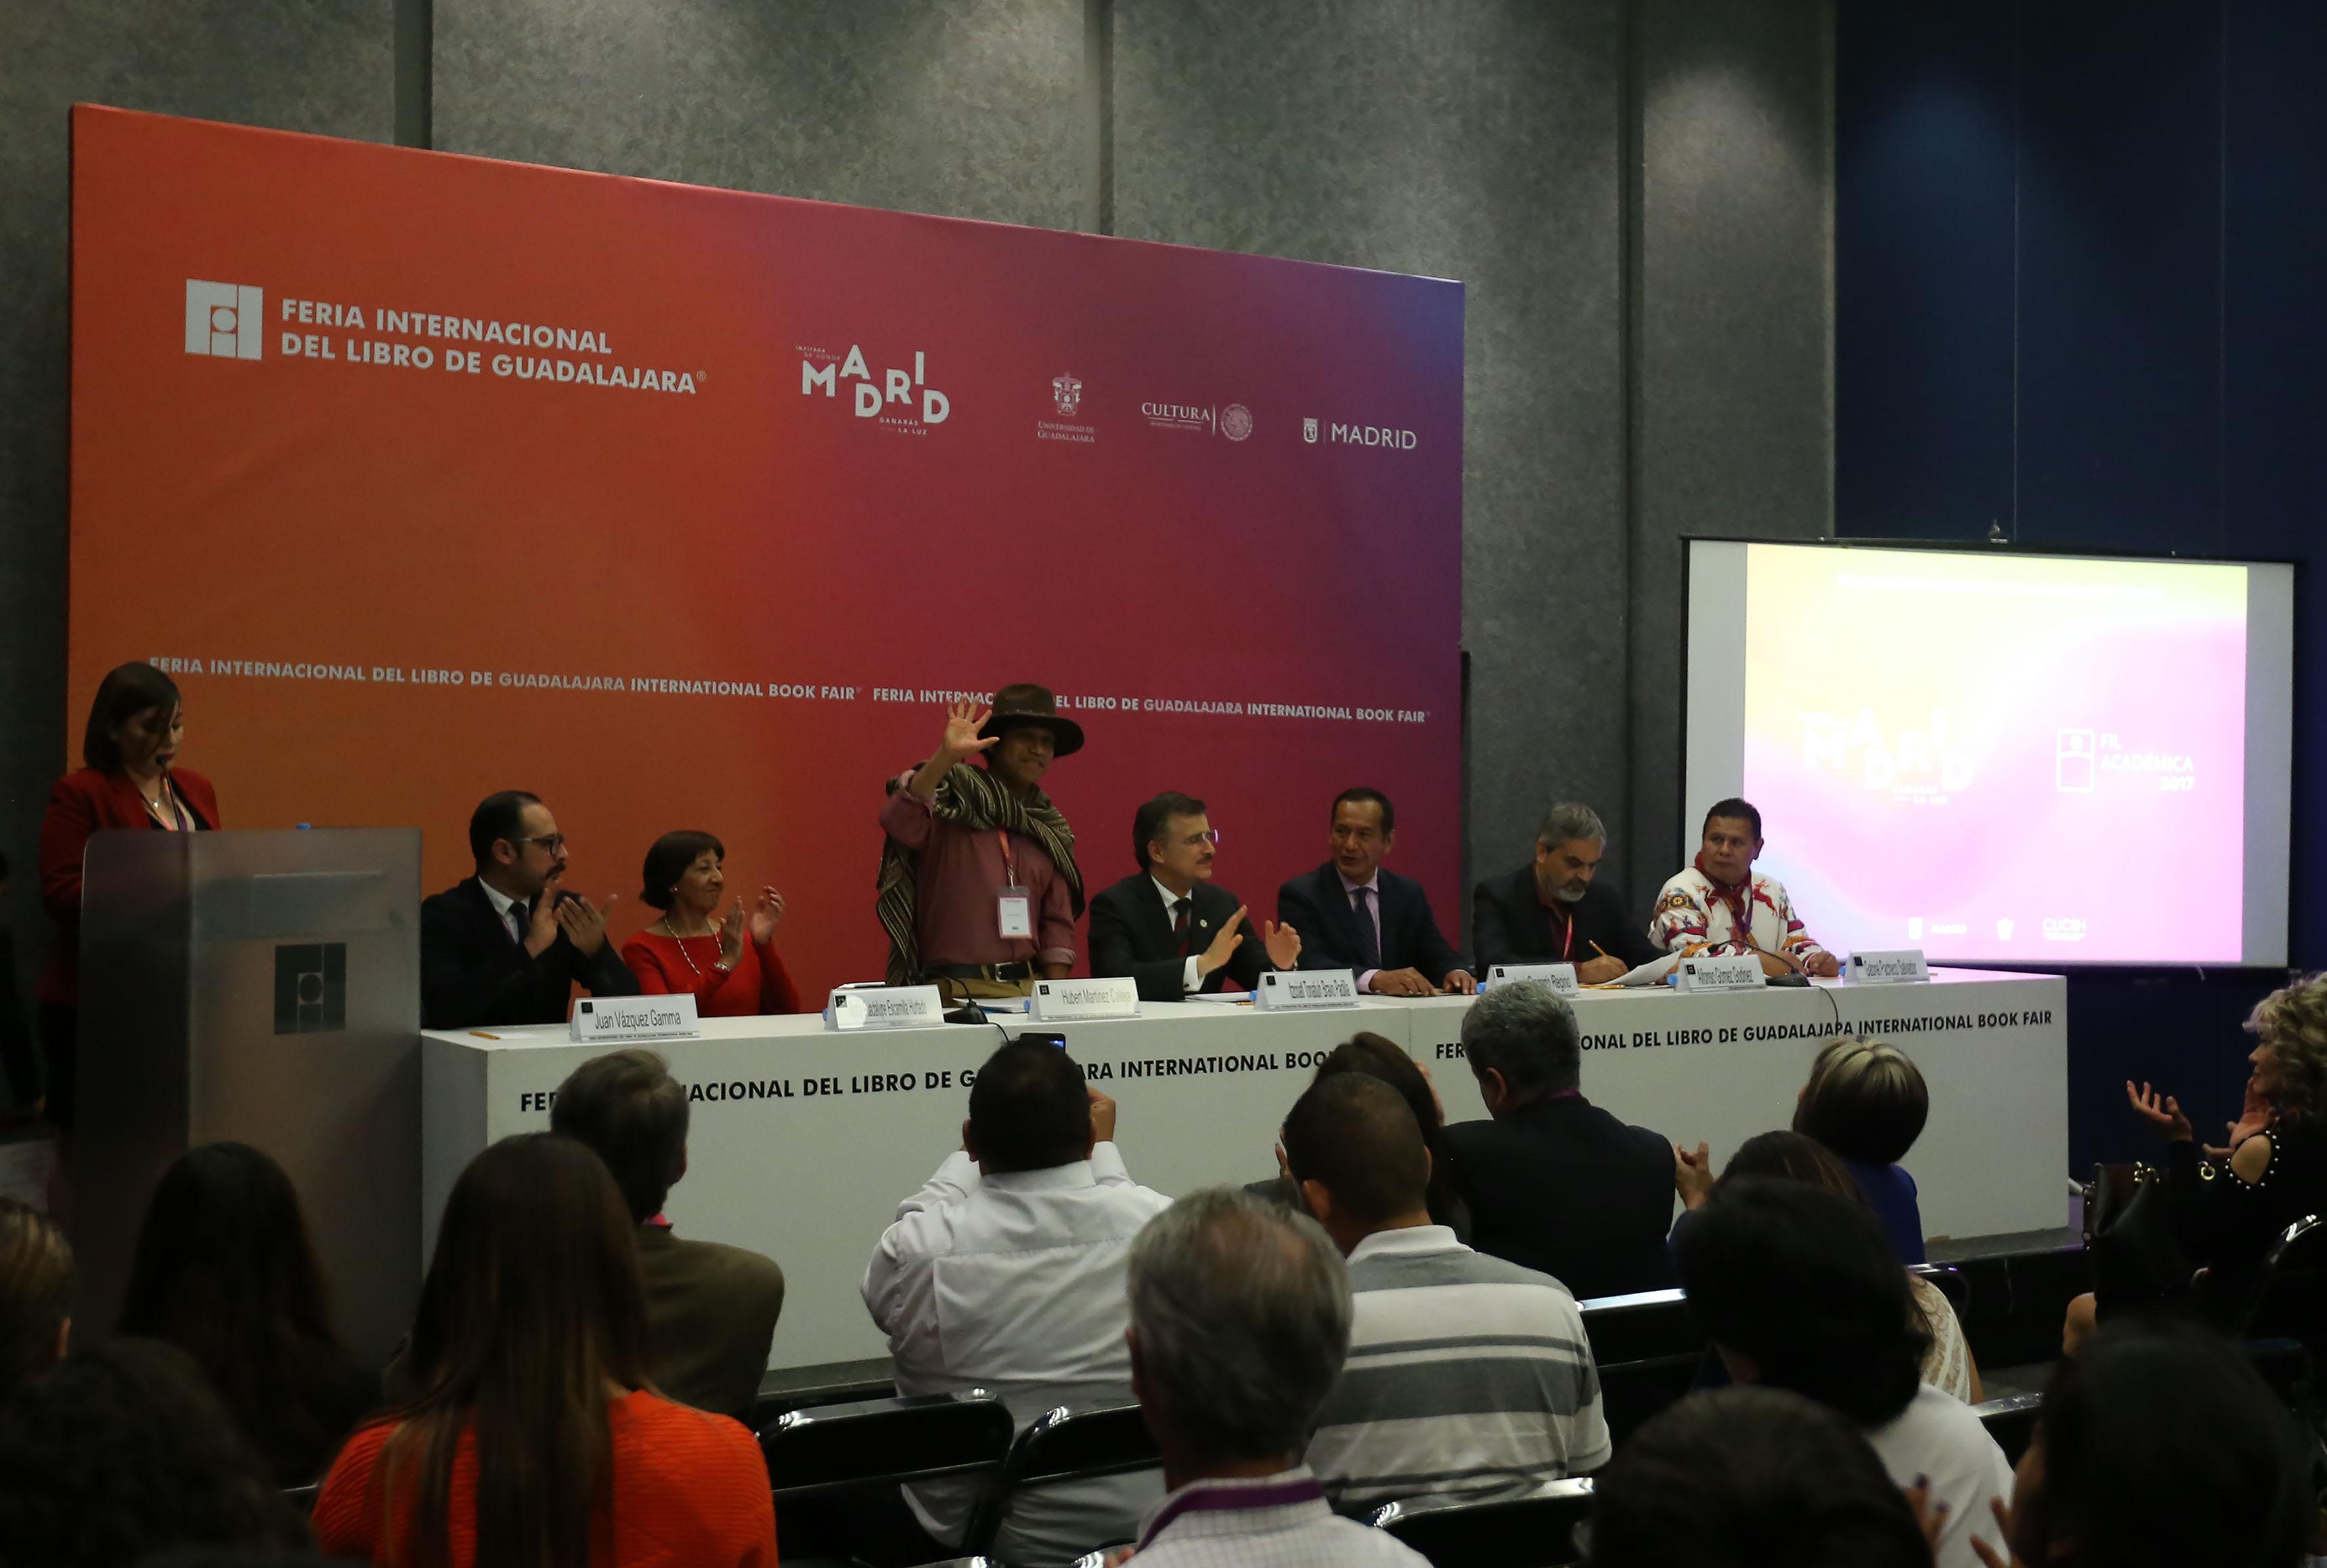 Ceremonia de premiación, en el marco de la Feria Internacional del Libro de Guadalajara (FIL 2017),